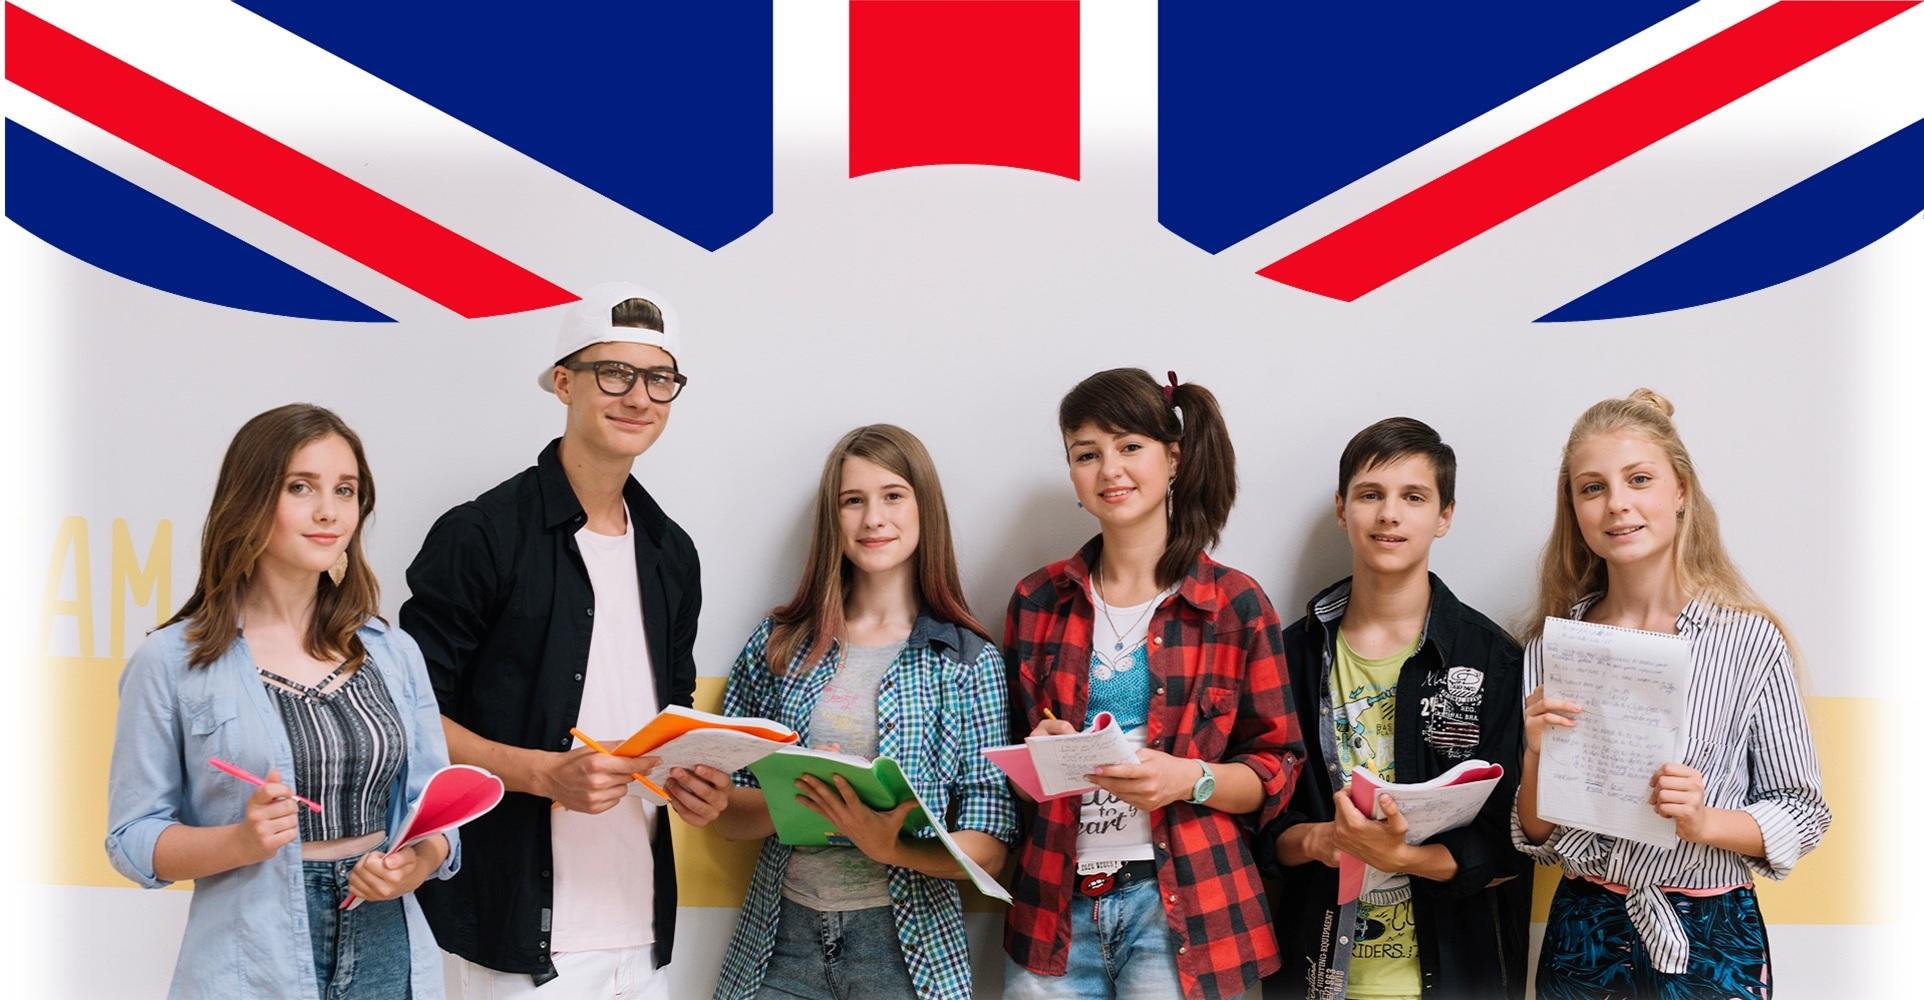 e roma corsi inglese per ragazzi